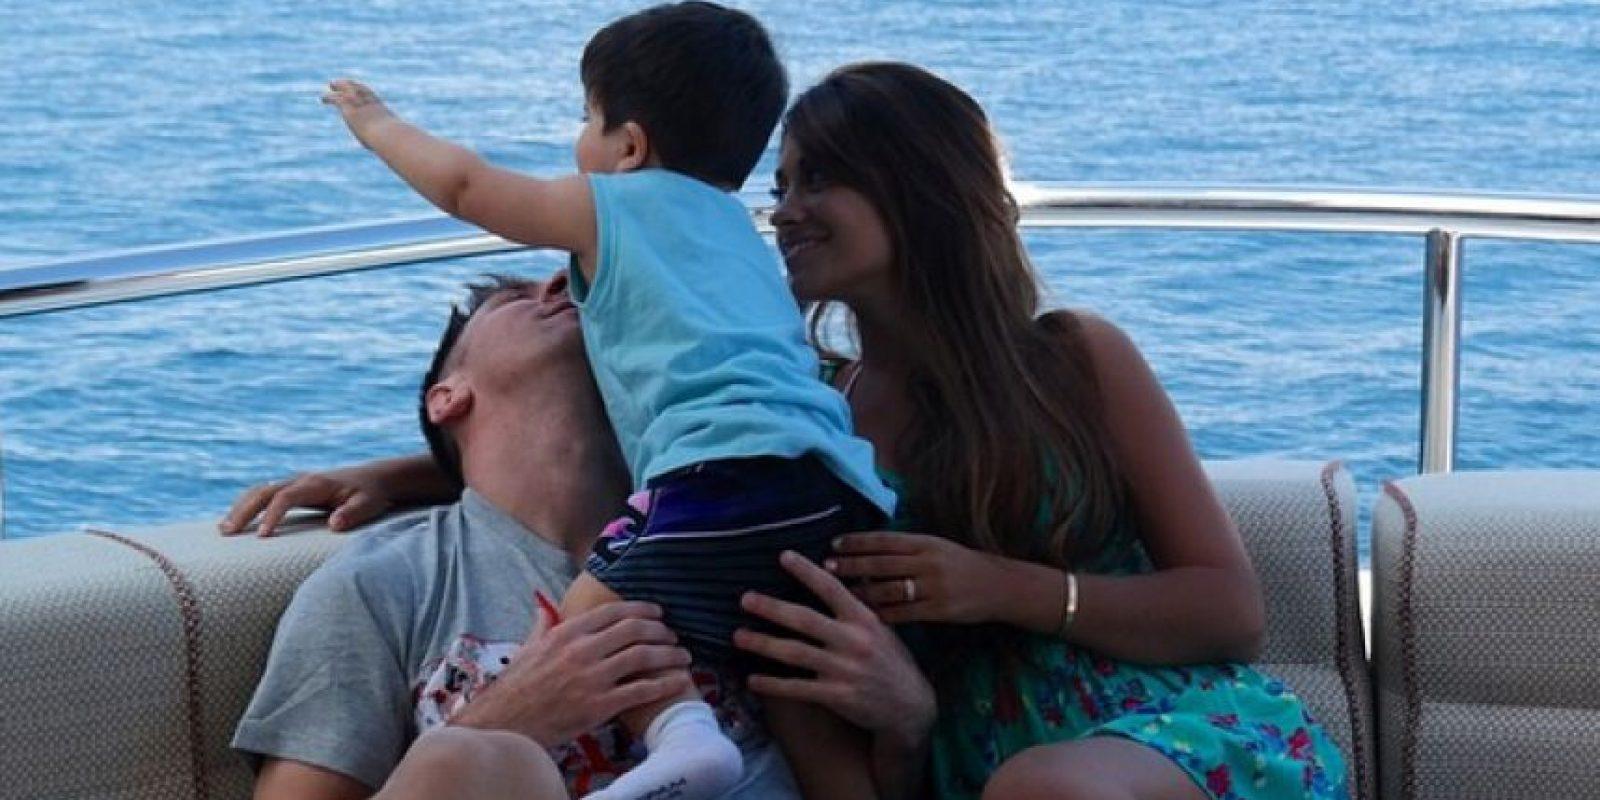 Foto:Vía instagram.com/antoroccuzzo88